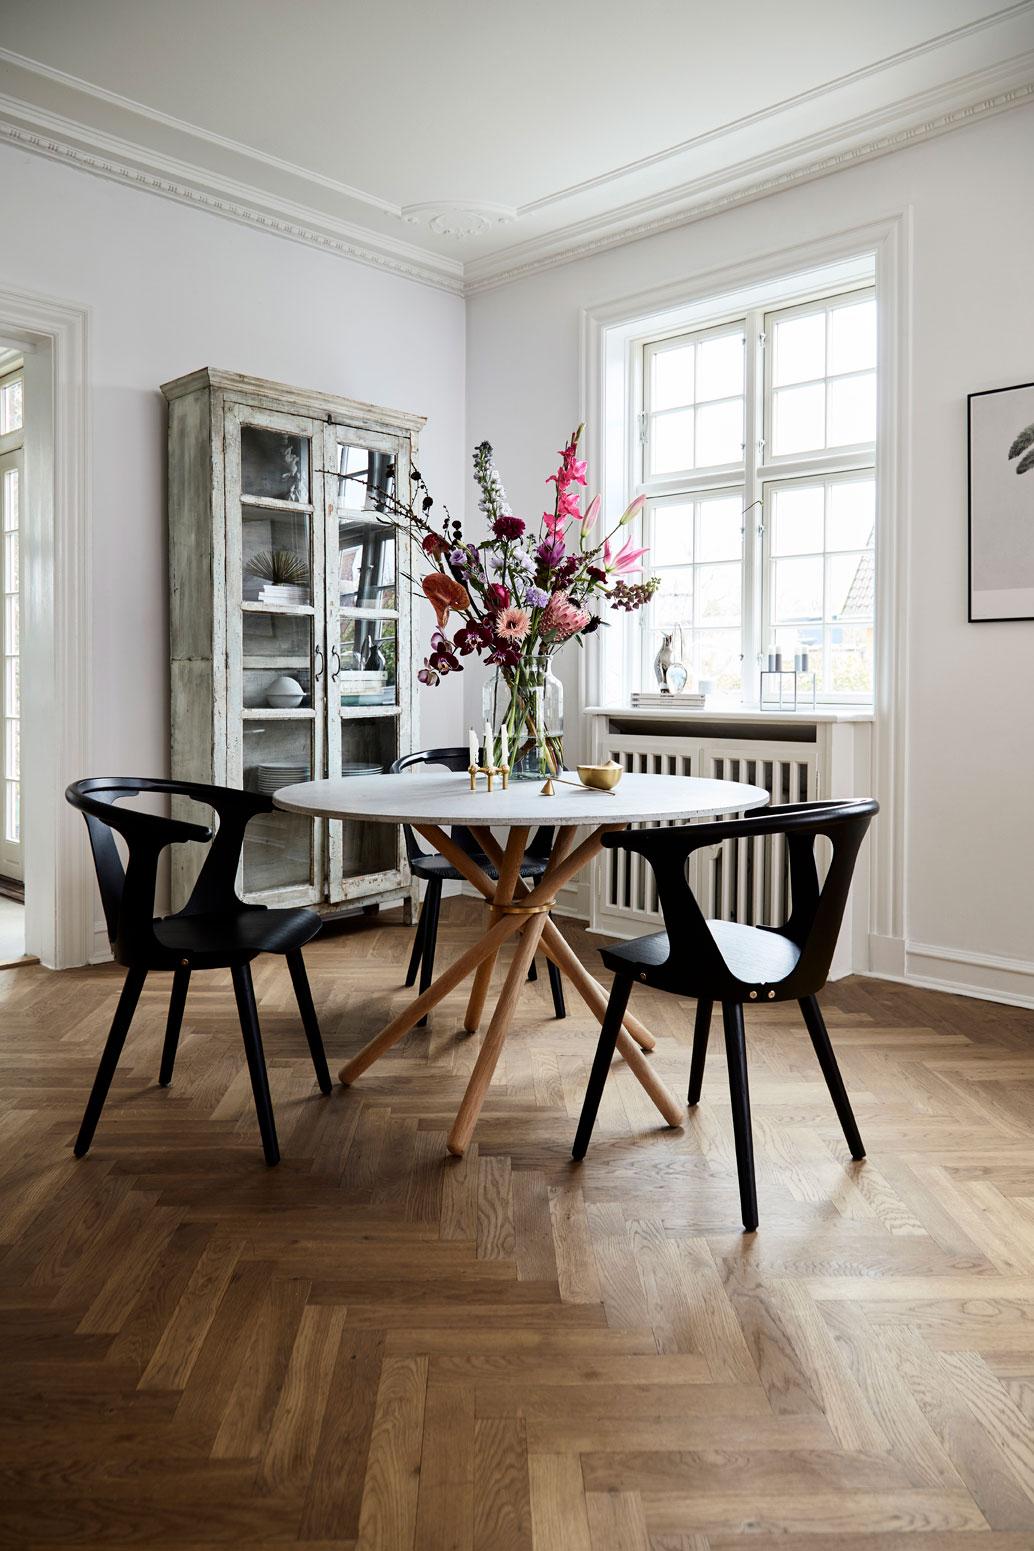 Høeg-+-Møller-17.03.29-Bloomon2248-B.jpg